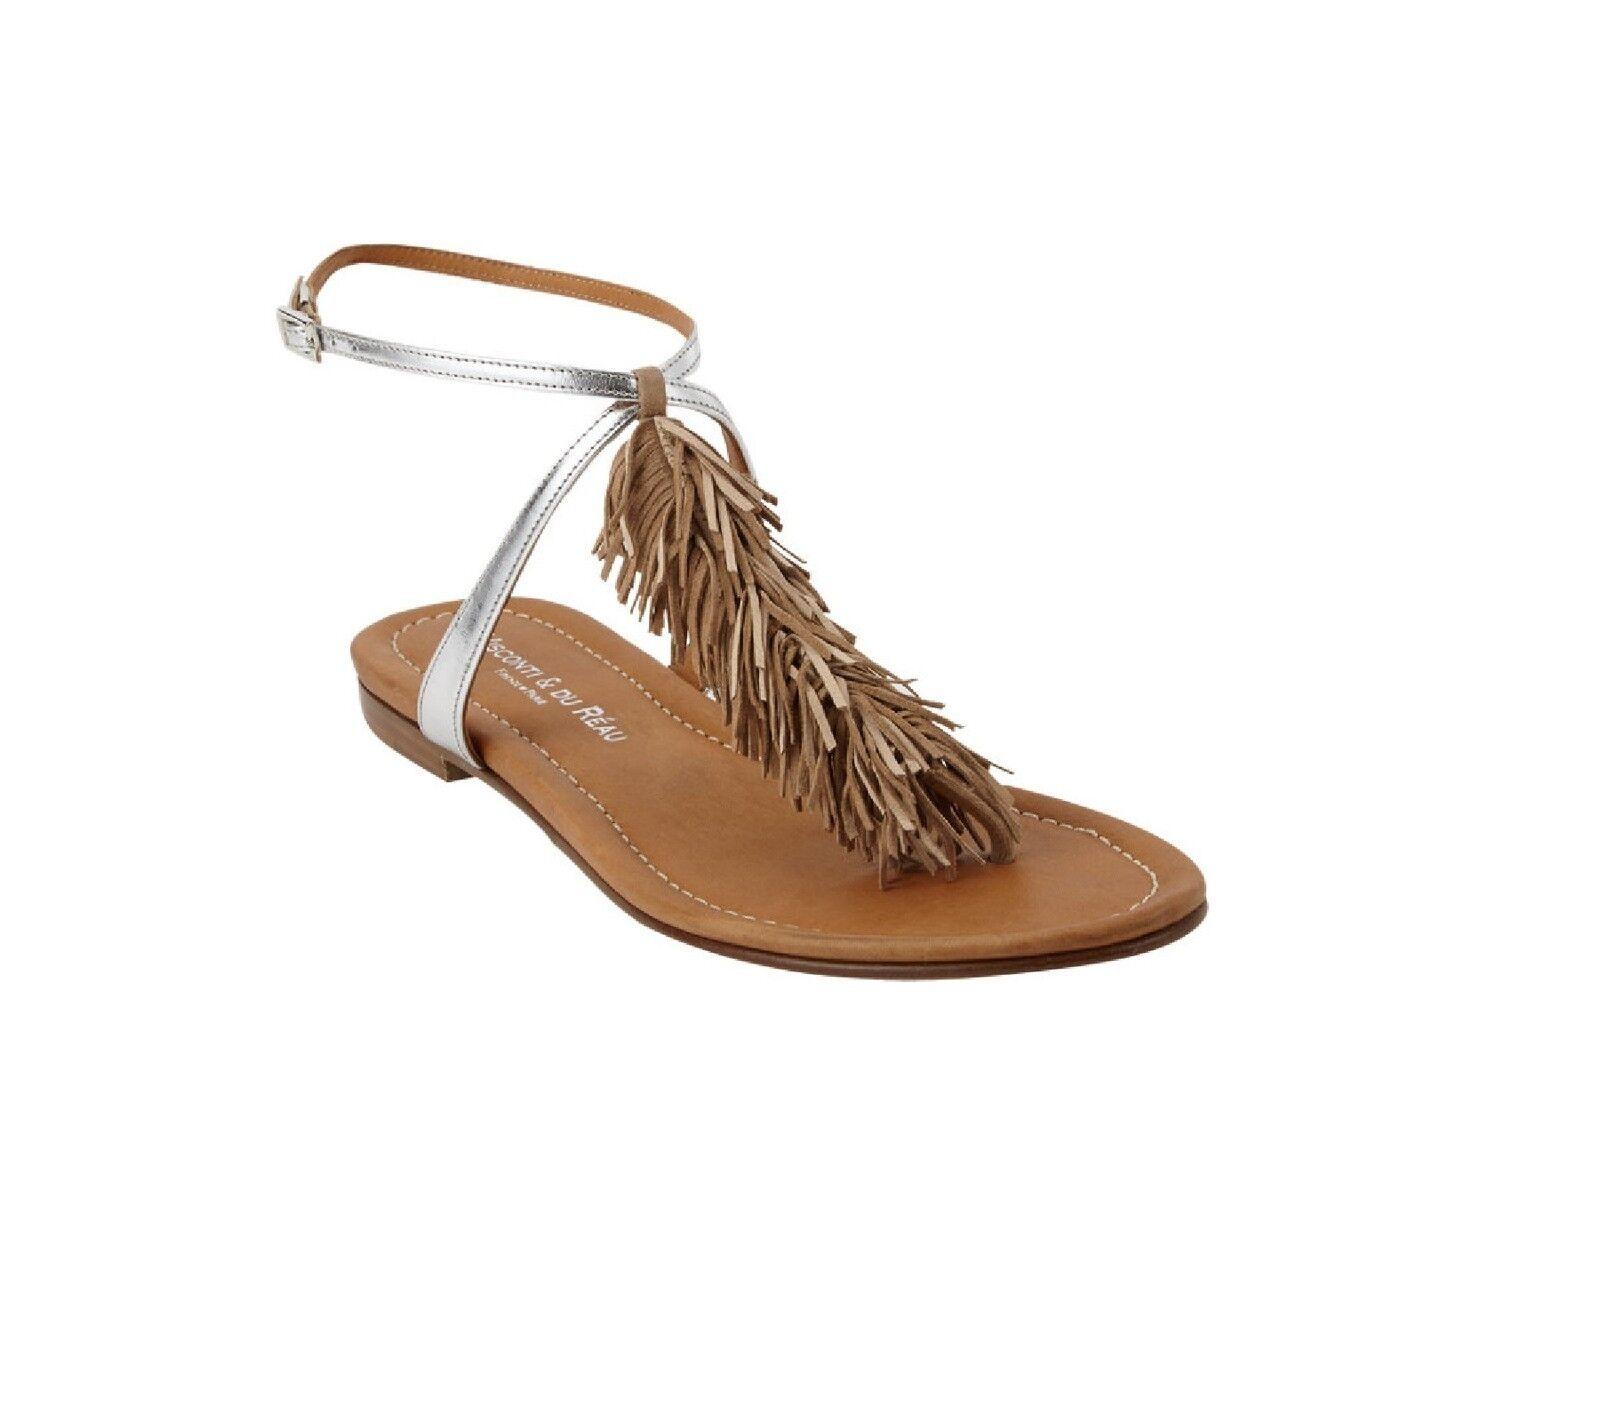 VISCONTI DU REAU - Sandales de luxe MAUI Beige et argent Valeur 280€ ! *NEUF*